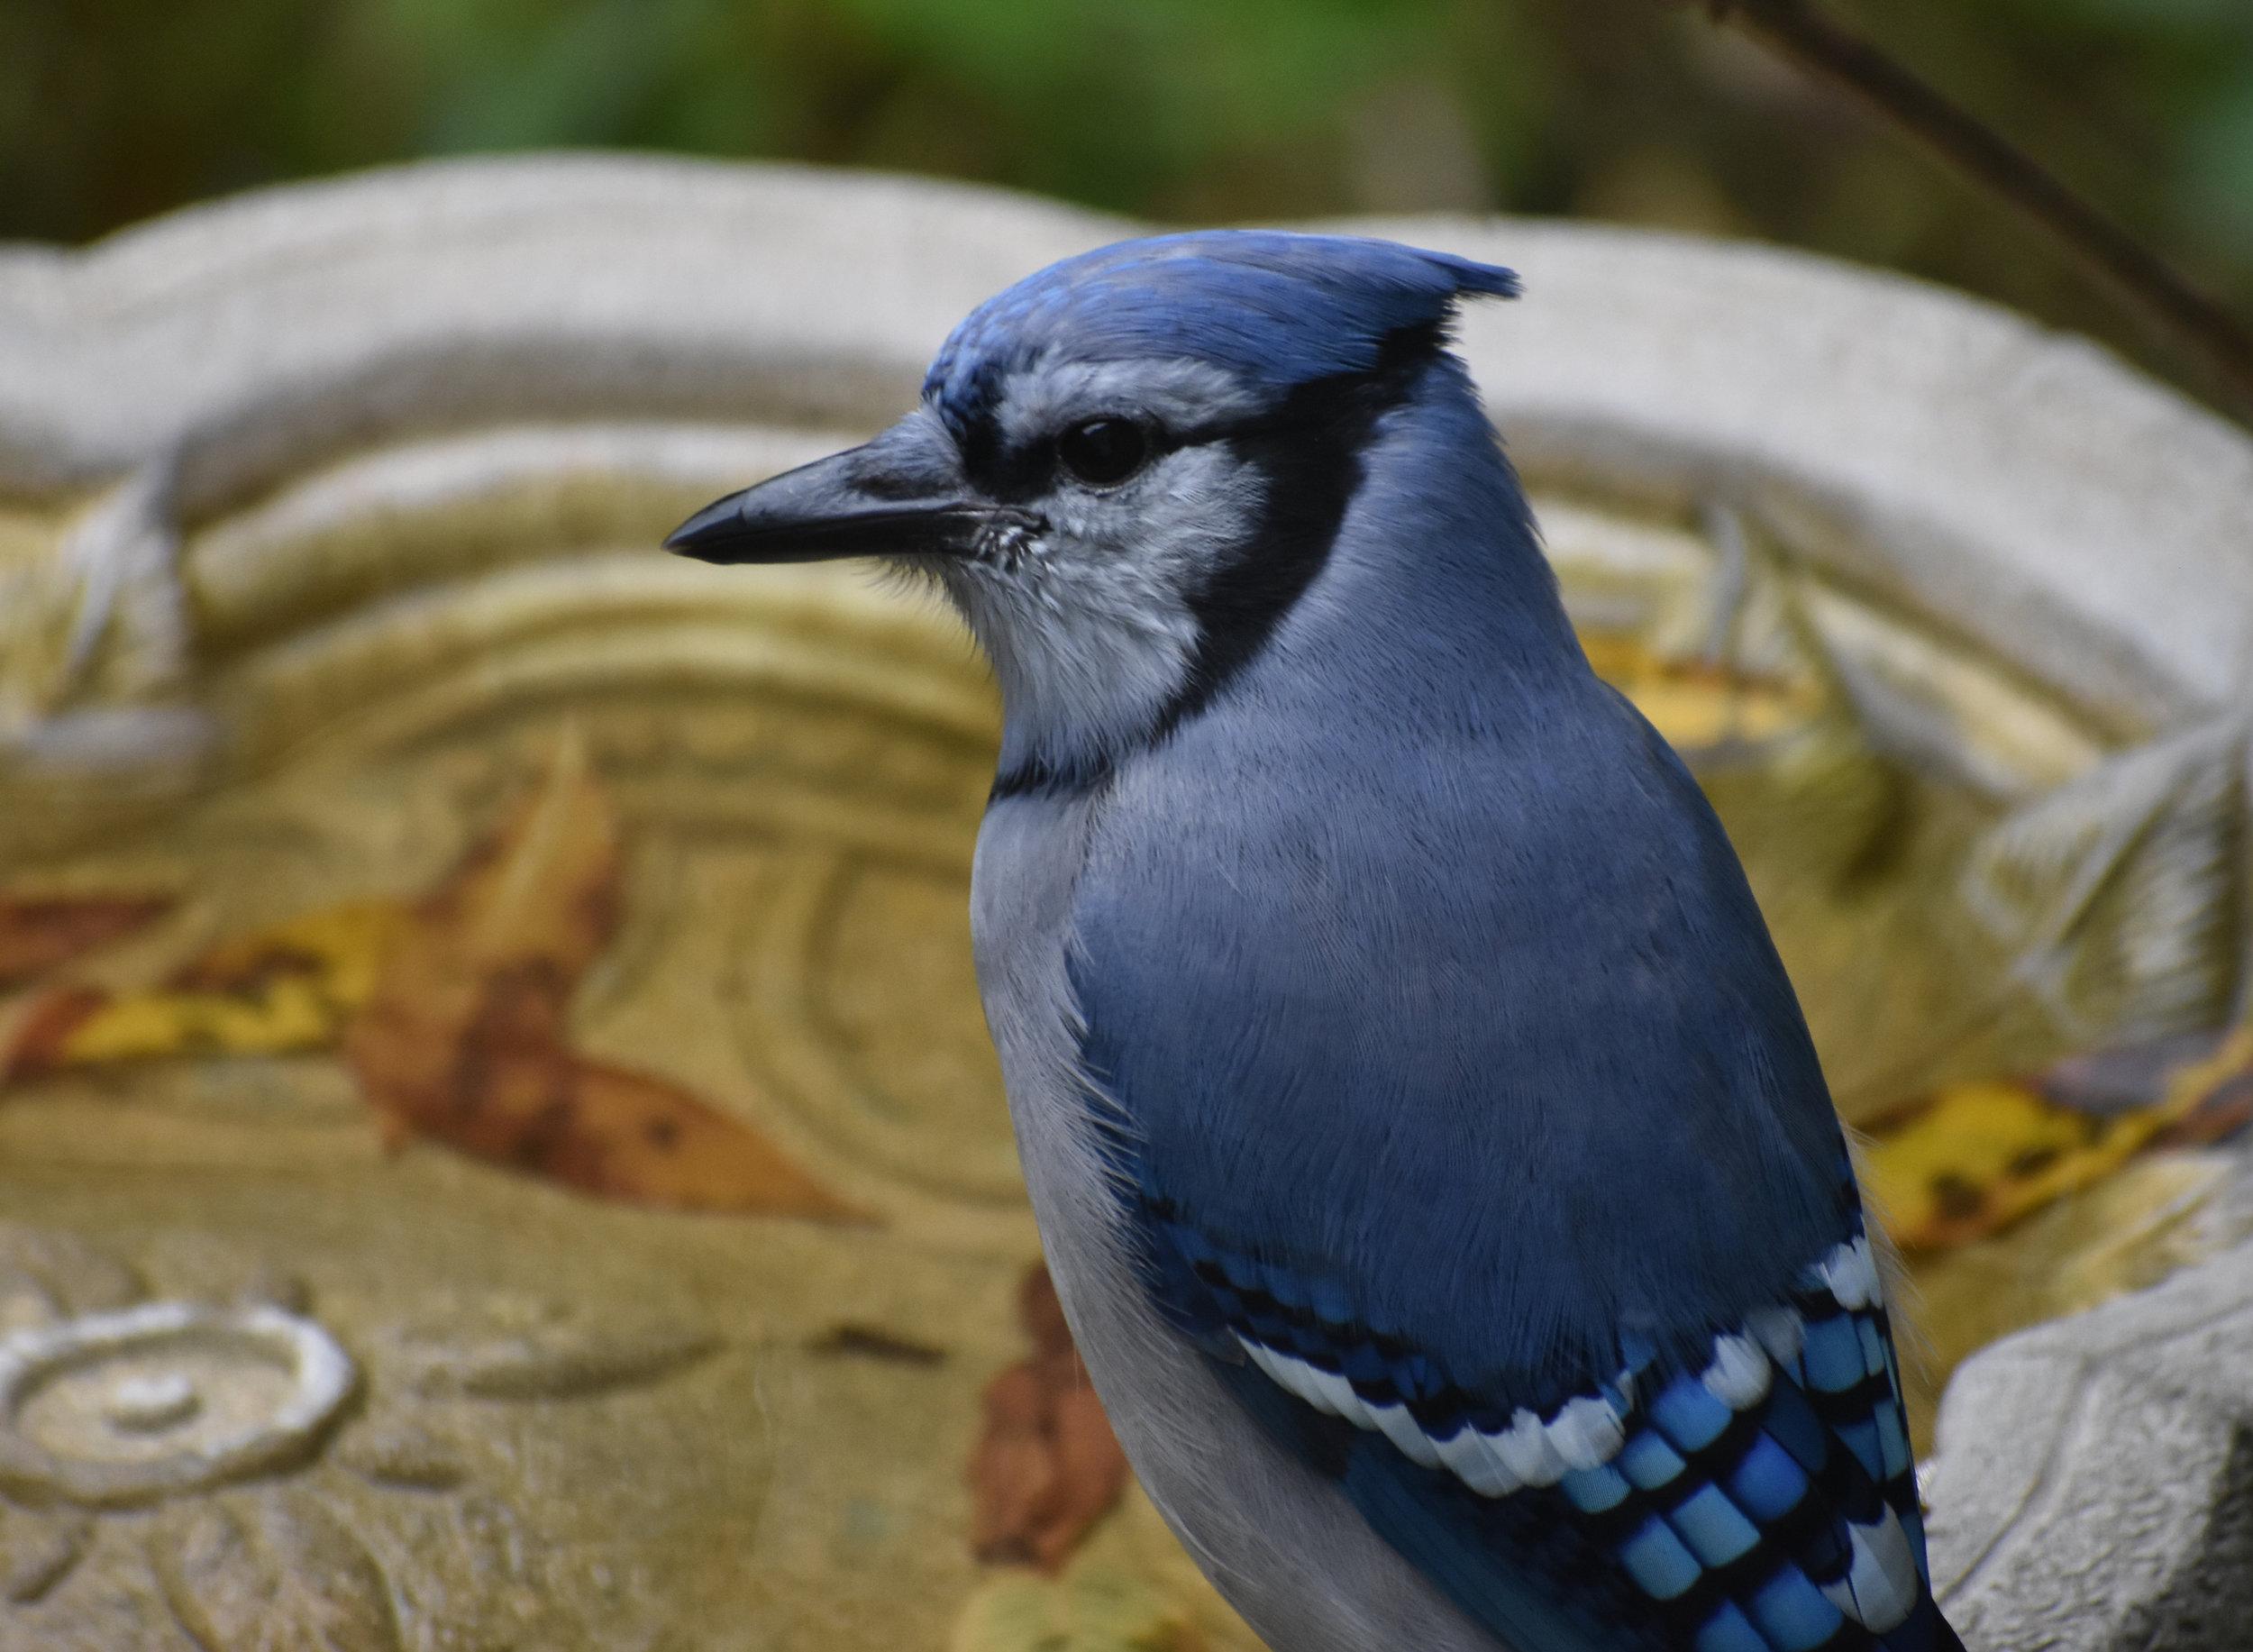 Blue Jay at birdbath